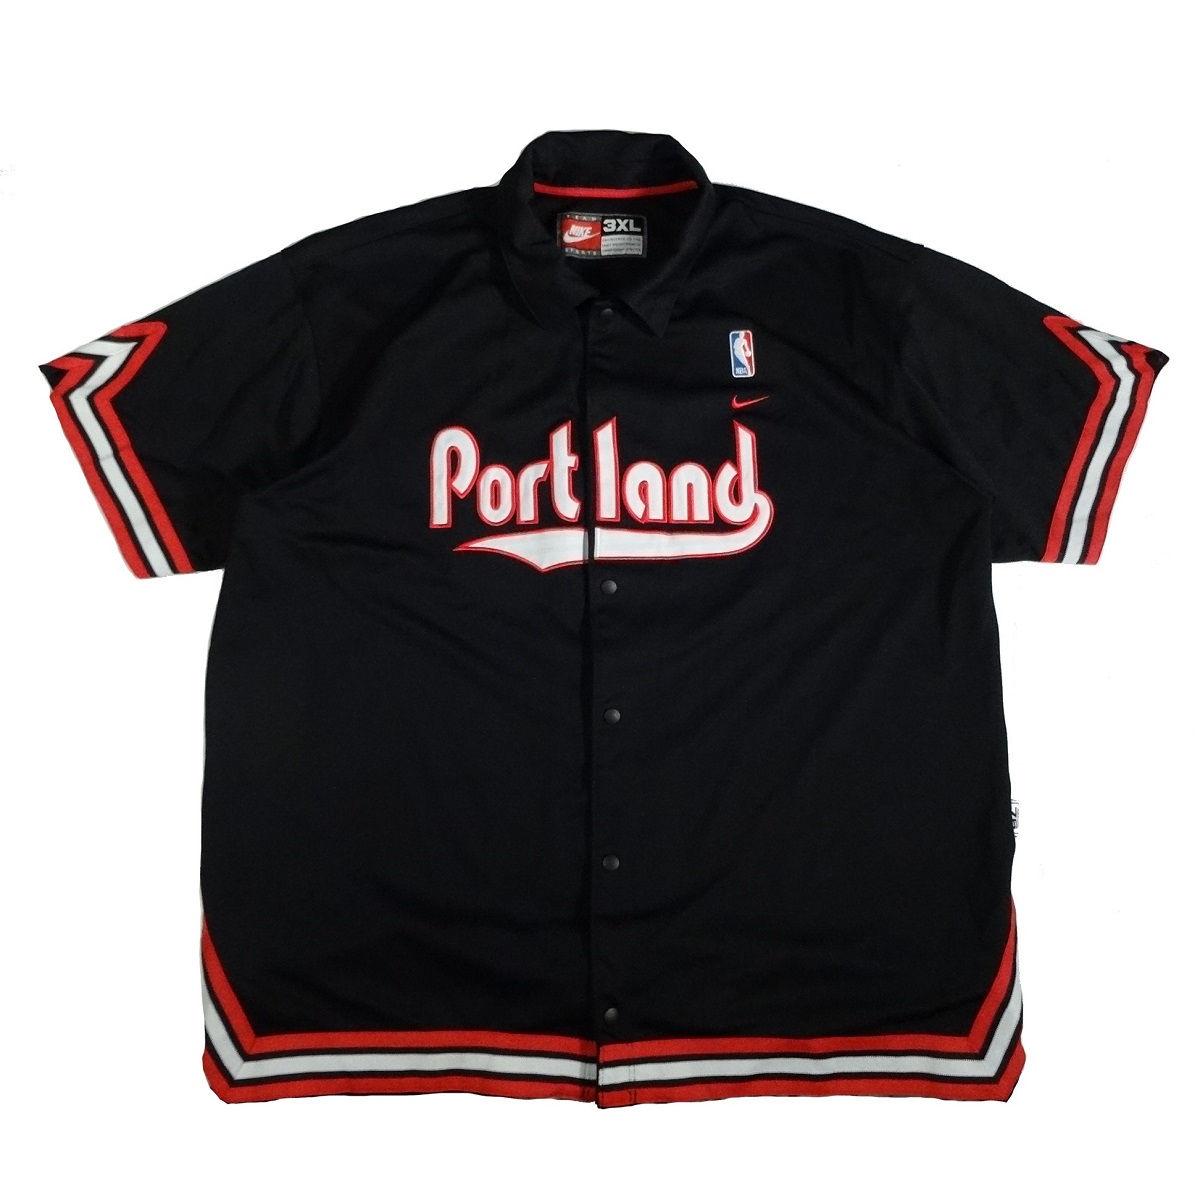 portland trail blazers nike warm up jersey front